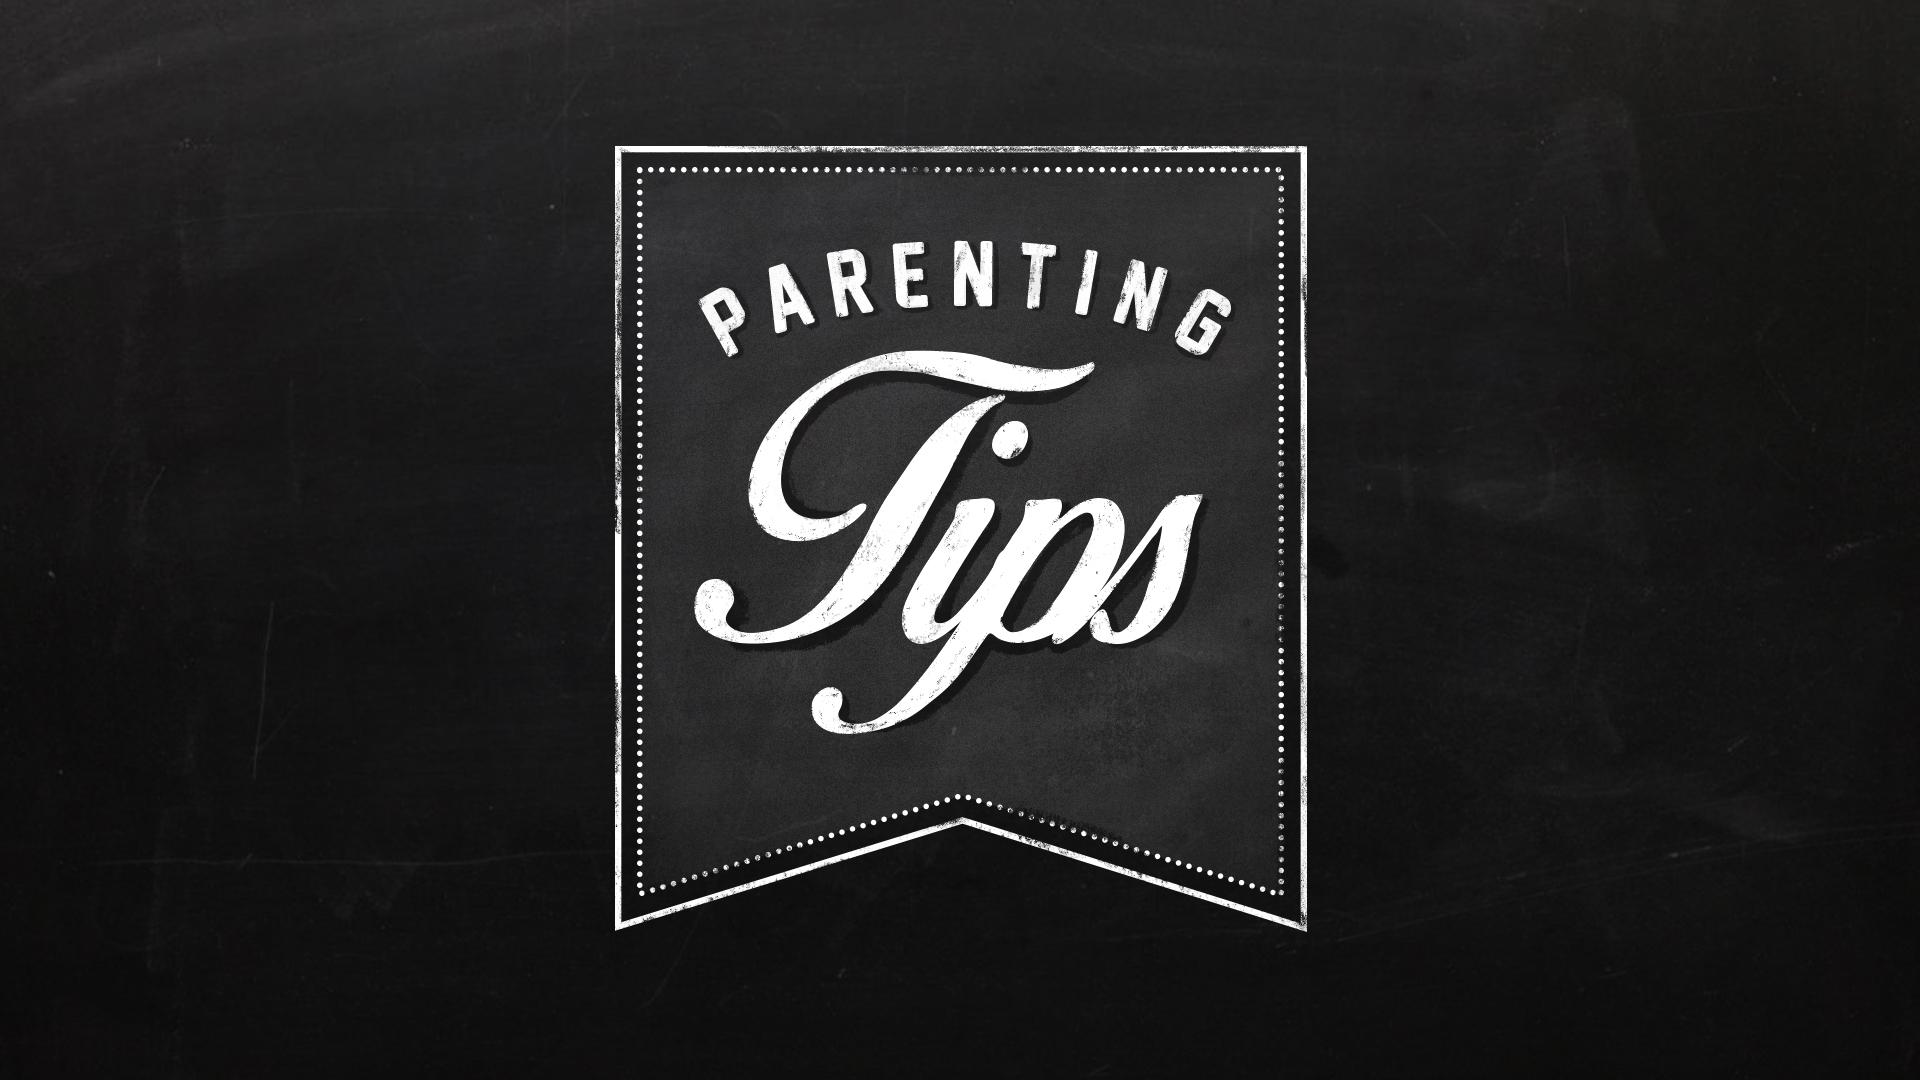 ParentingTips_v2Artboard 4.jpg